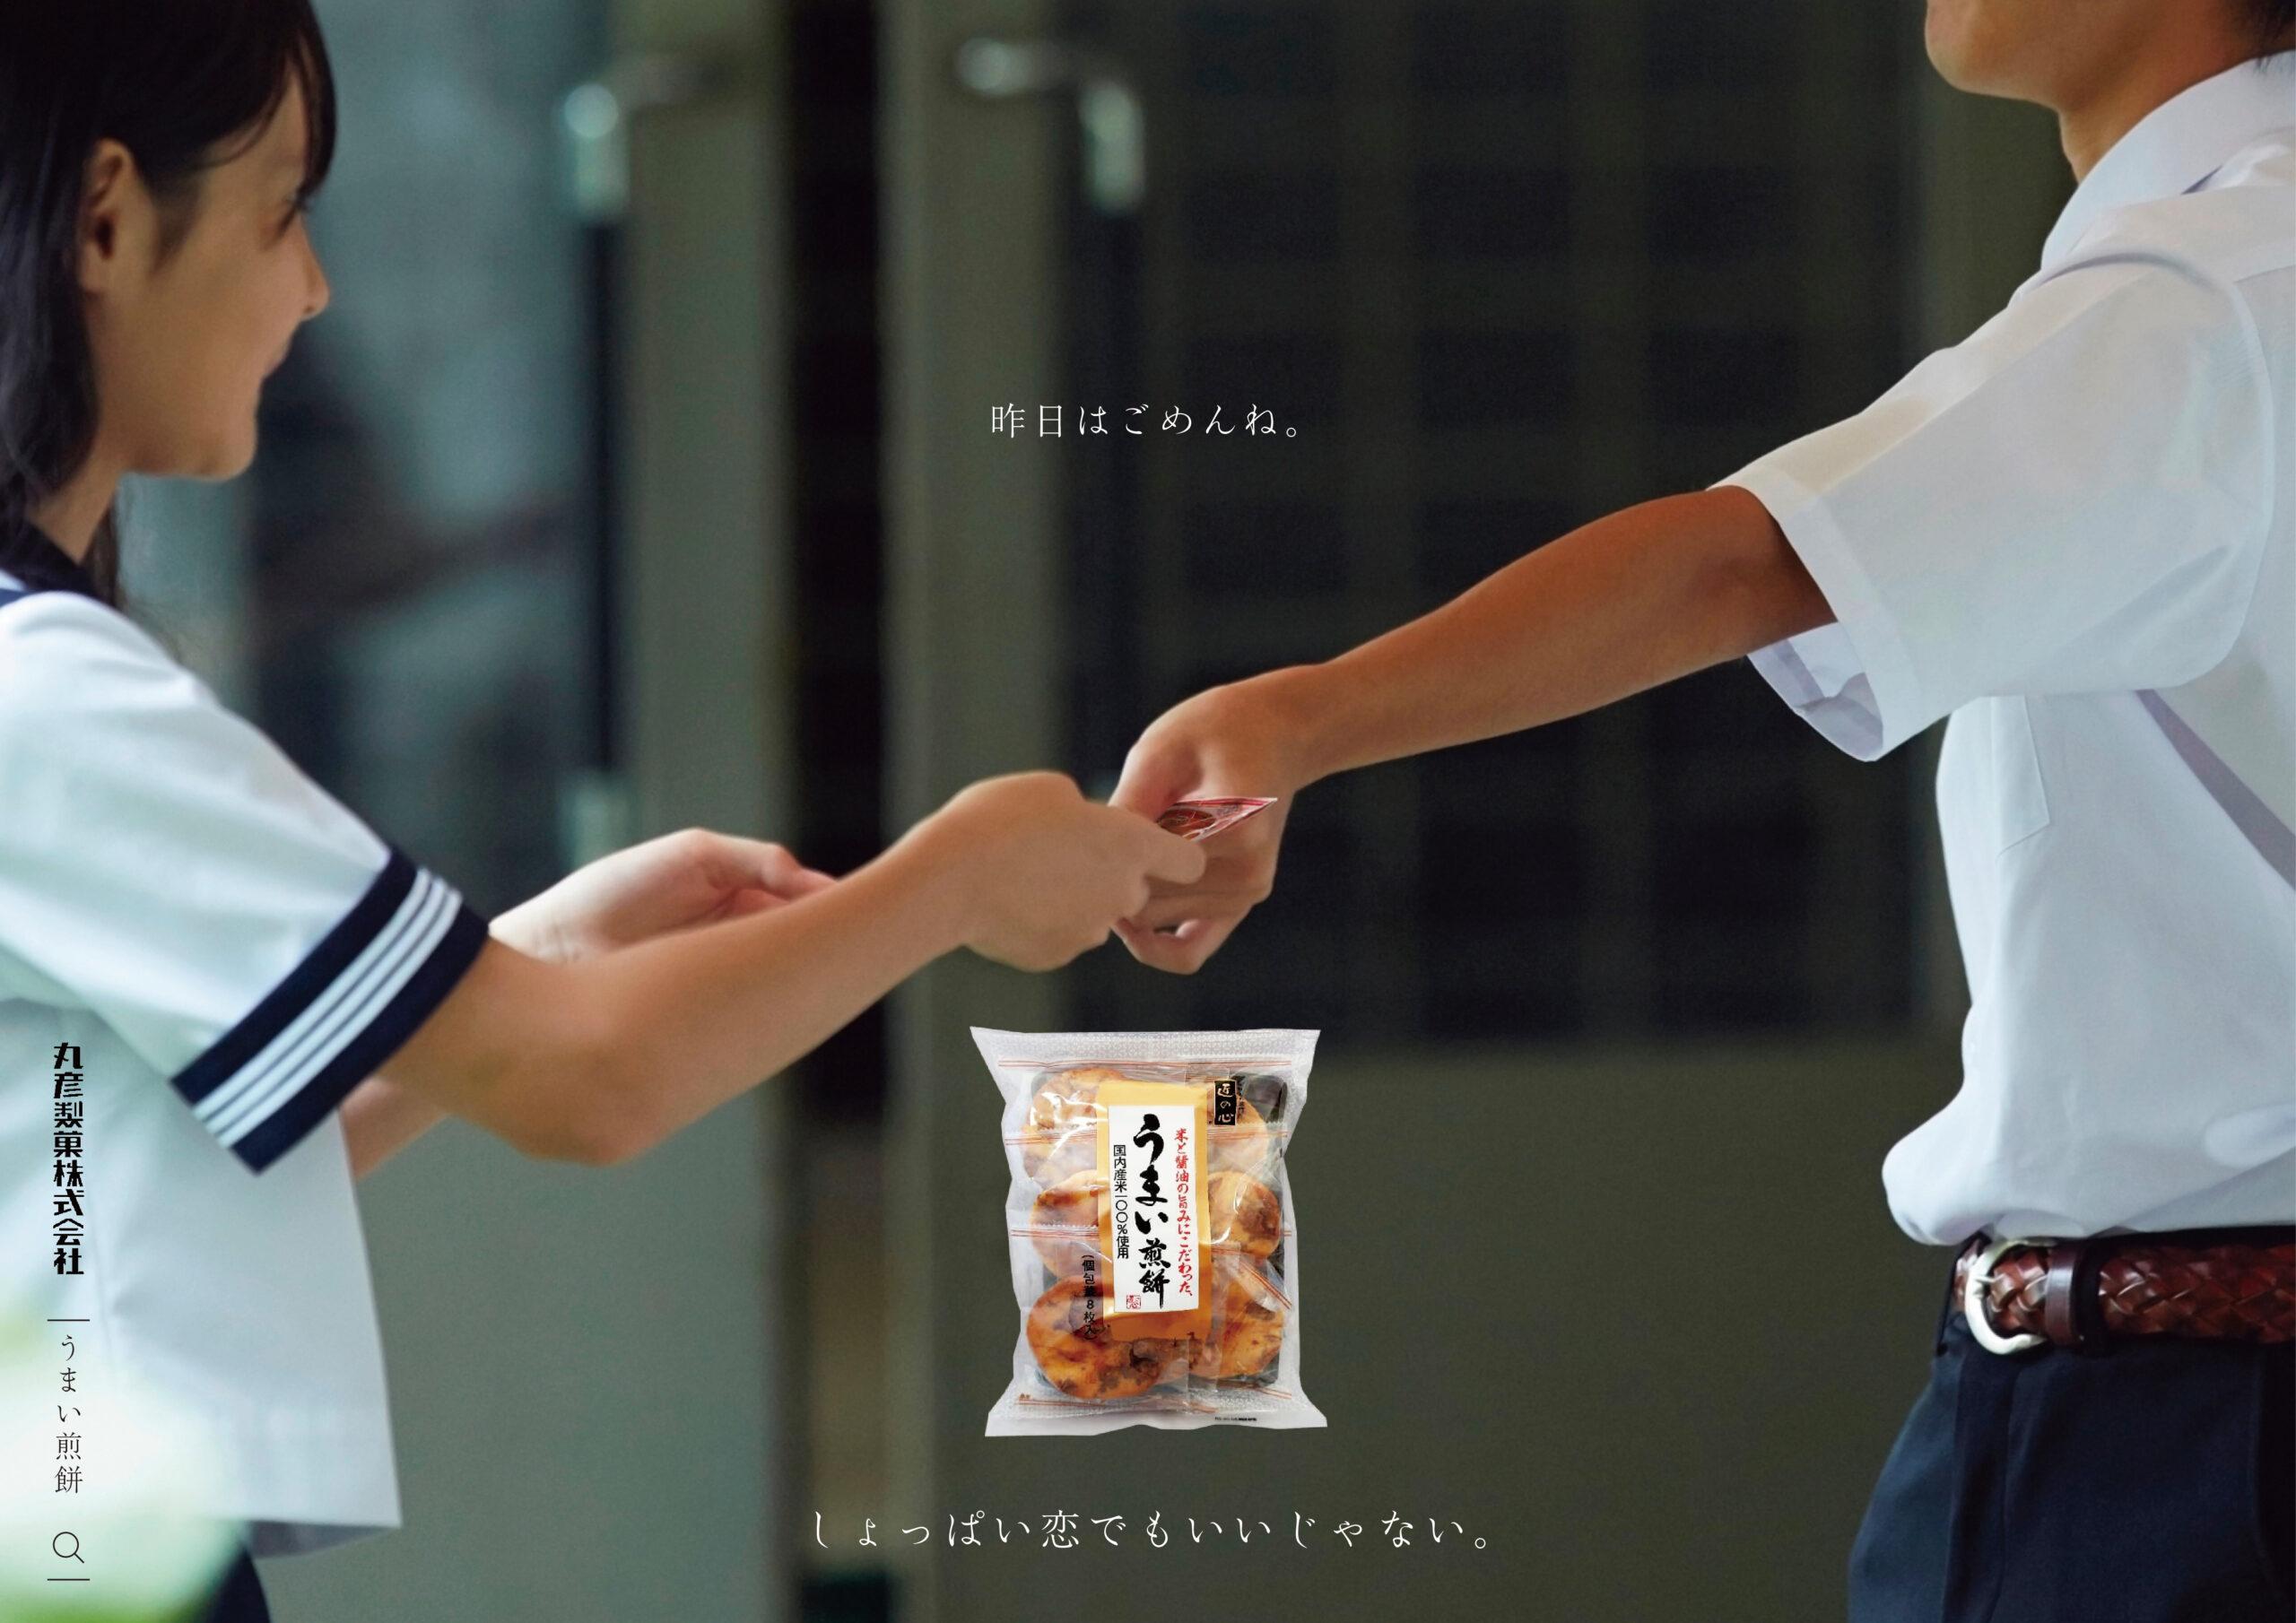 うまい煎餅の広告をつくってみた(青春編)